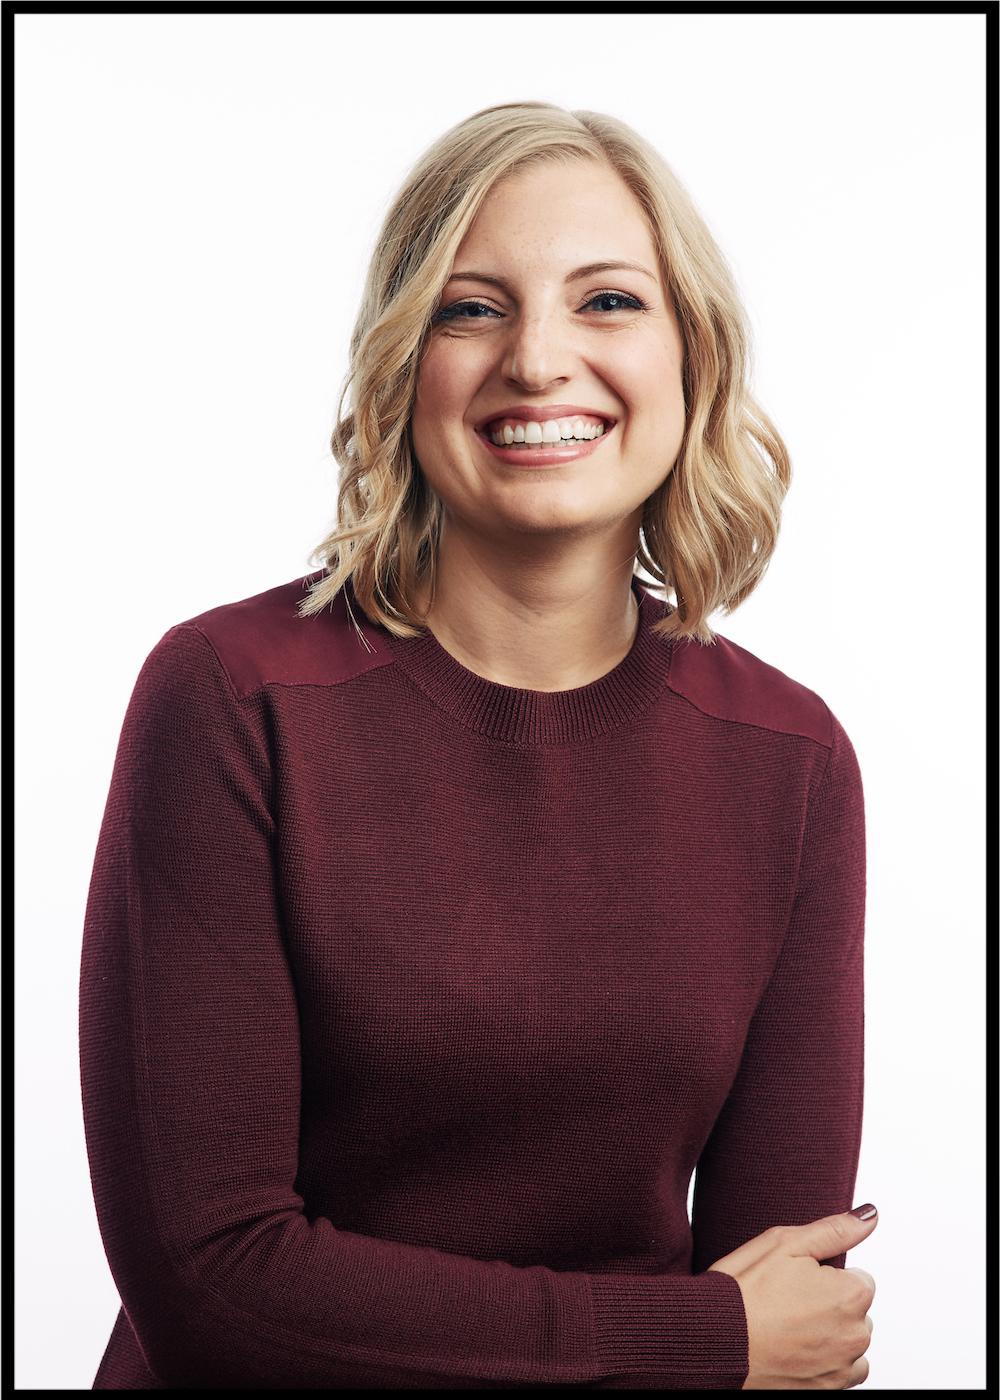 Stacy Kessler headshot laughing with black frame.jpg